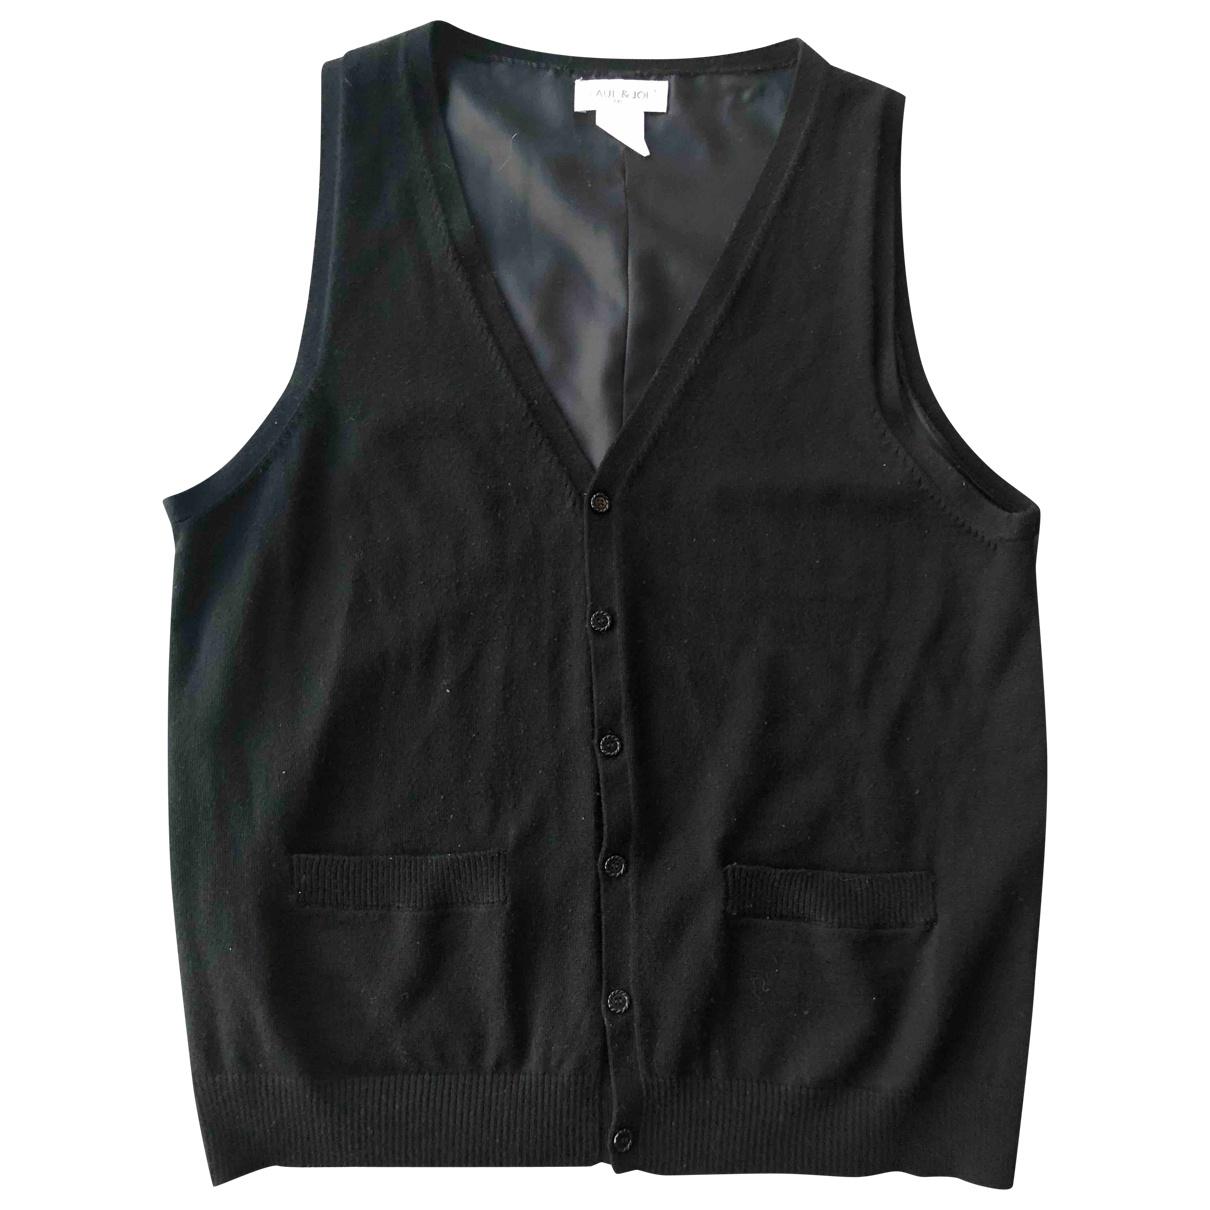 Paul & Joe \N Black Wool Knitwear & Sweatshirts for Men XL International